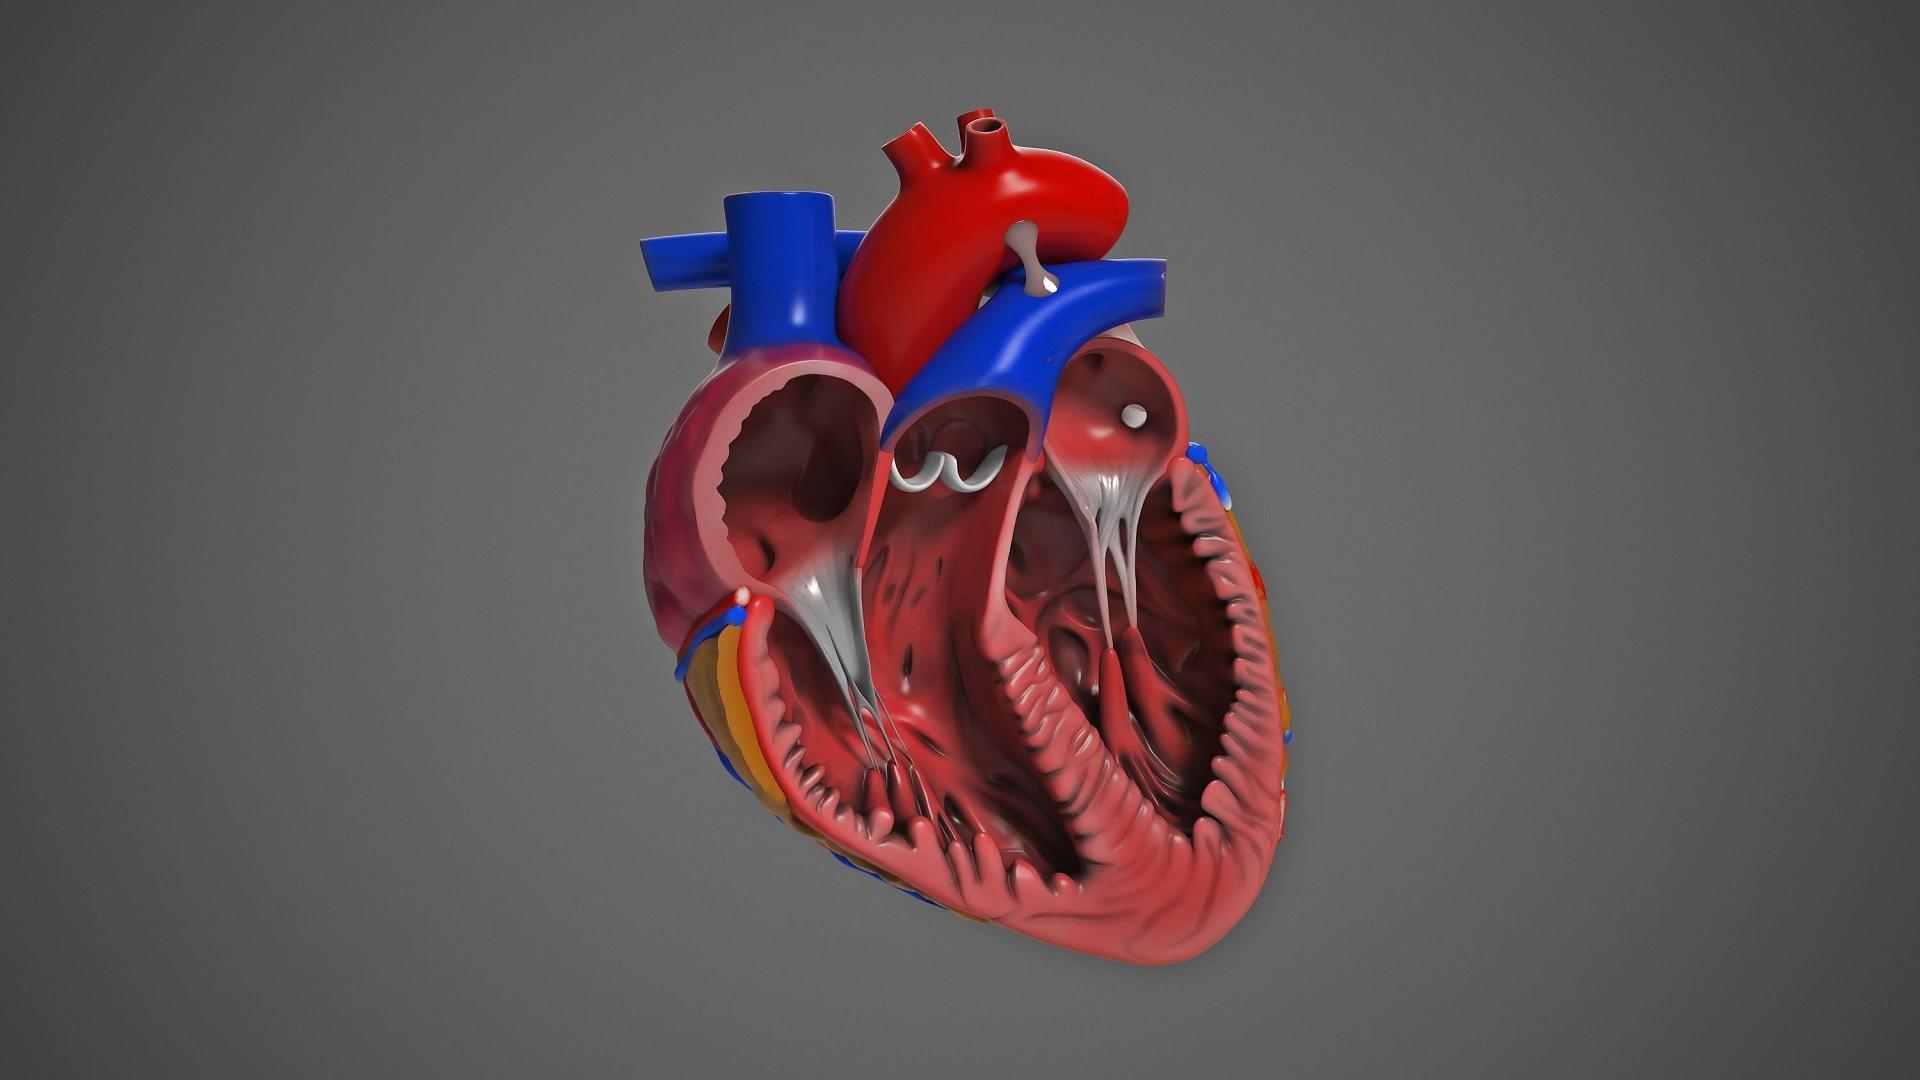 Τρισδιάστατα όργανα: Ερευνητές δημιούργησαν οργανοειδή καρδιάς [pic,vid]